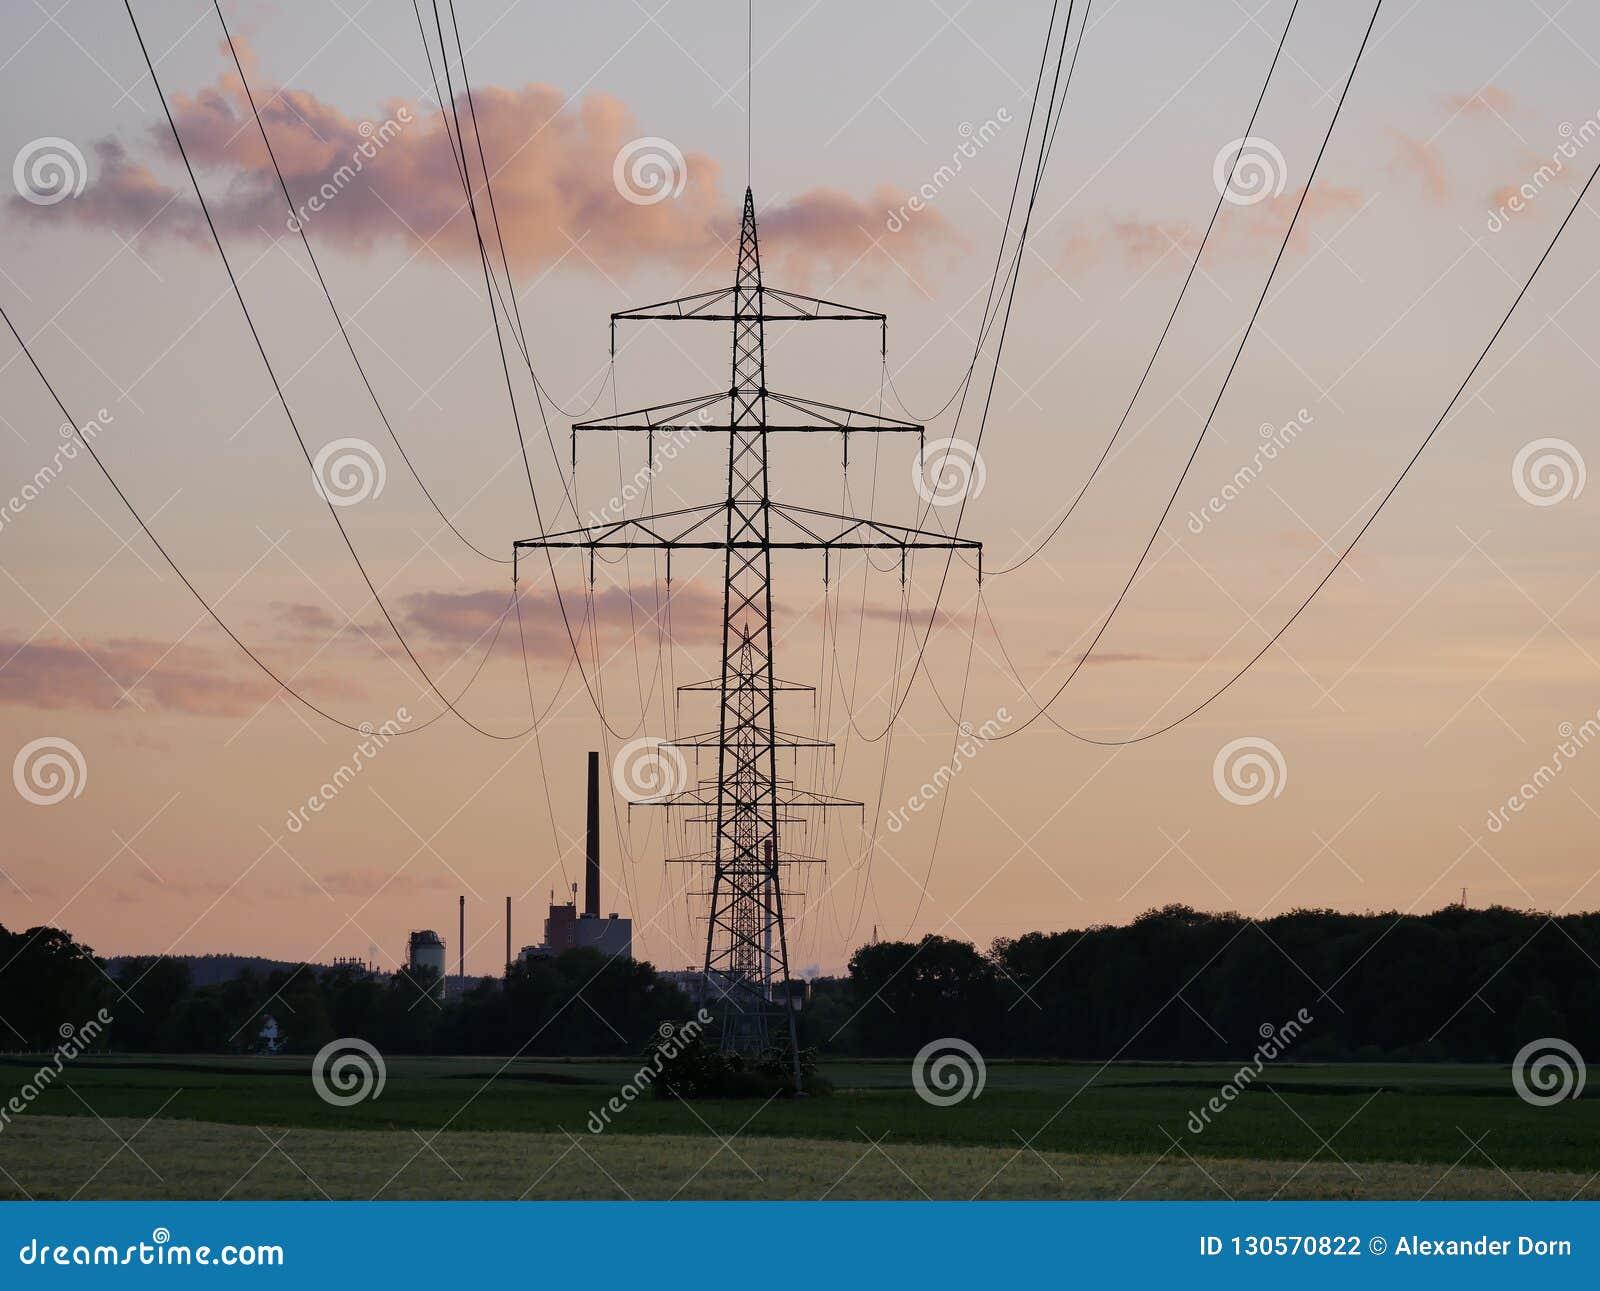 Immagine della linea elettrica durante il tramonto con la centrale elettrica